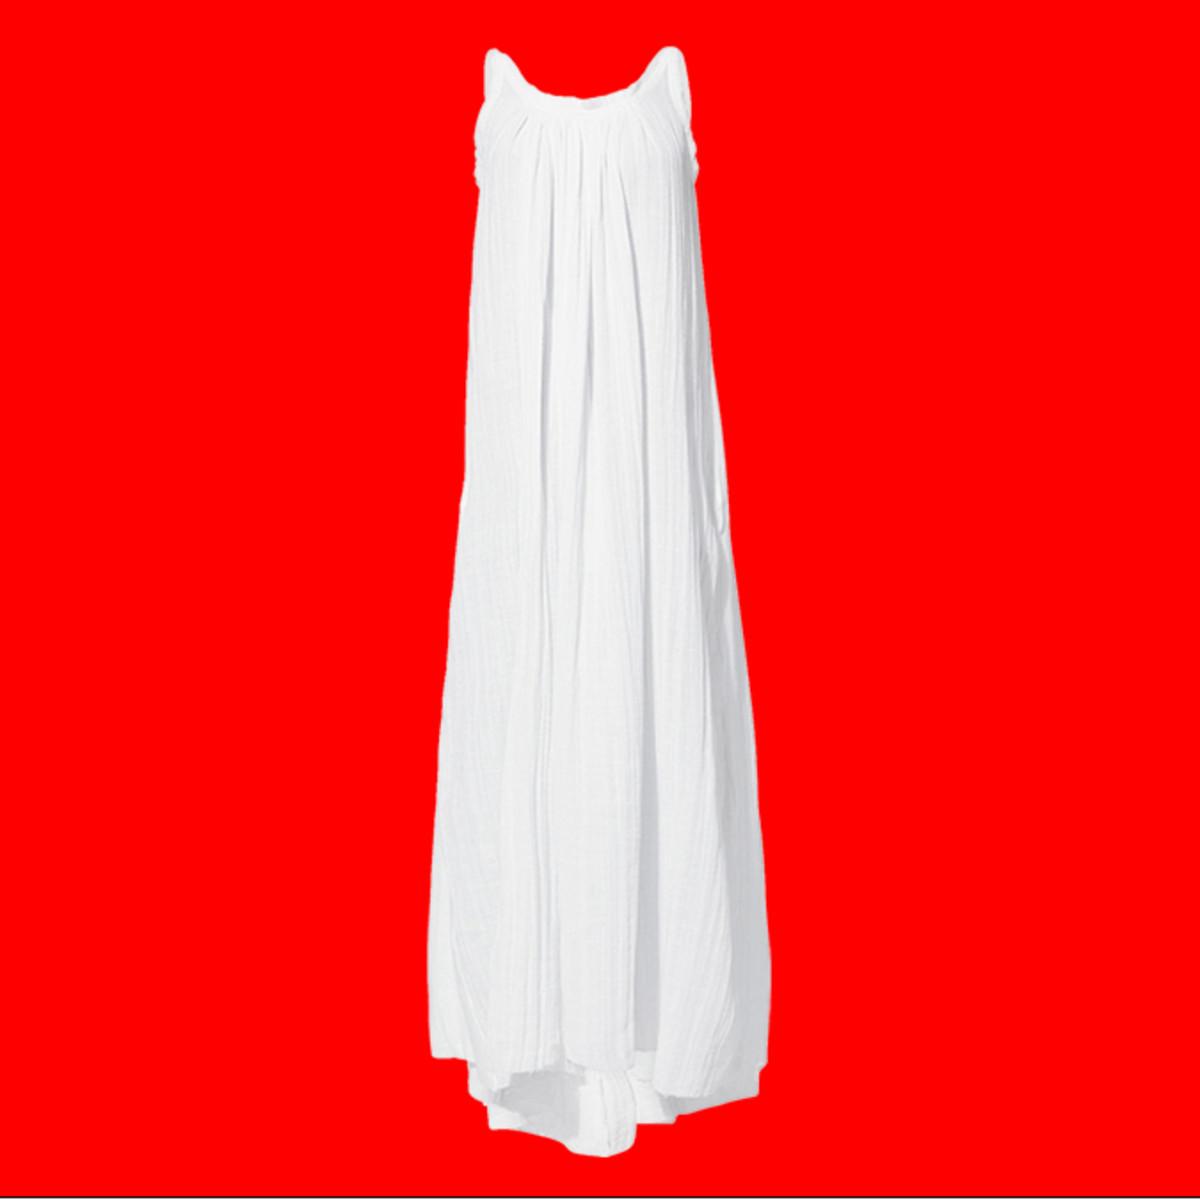 White dress square